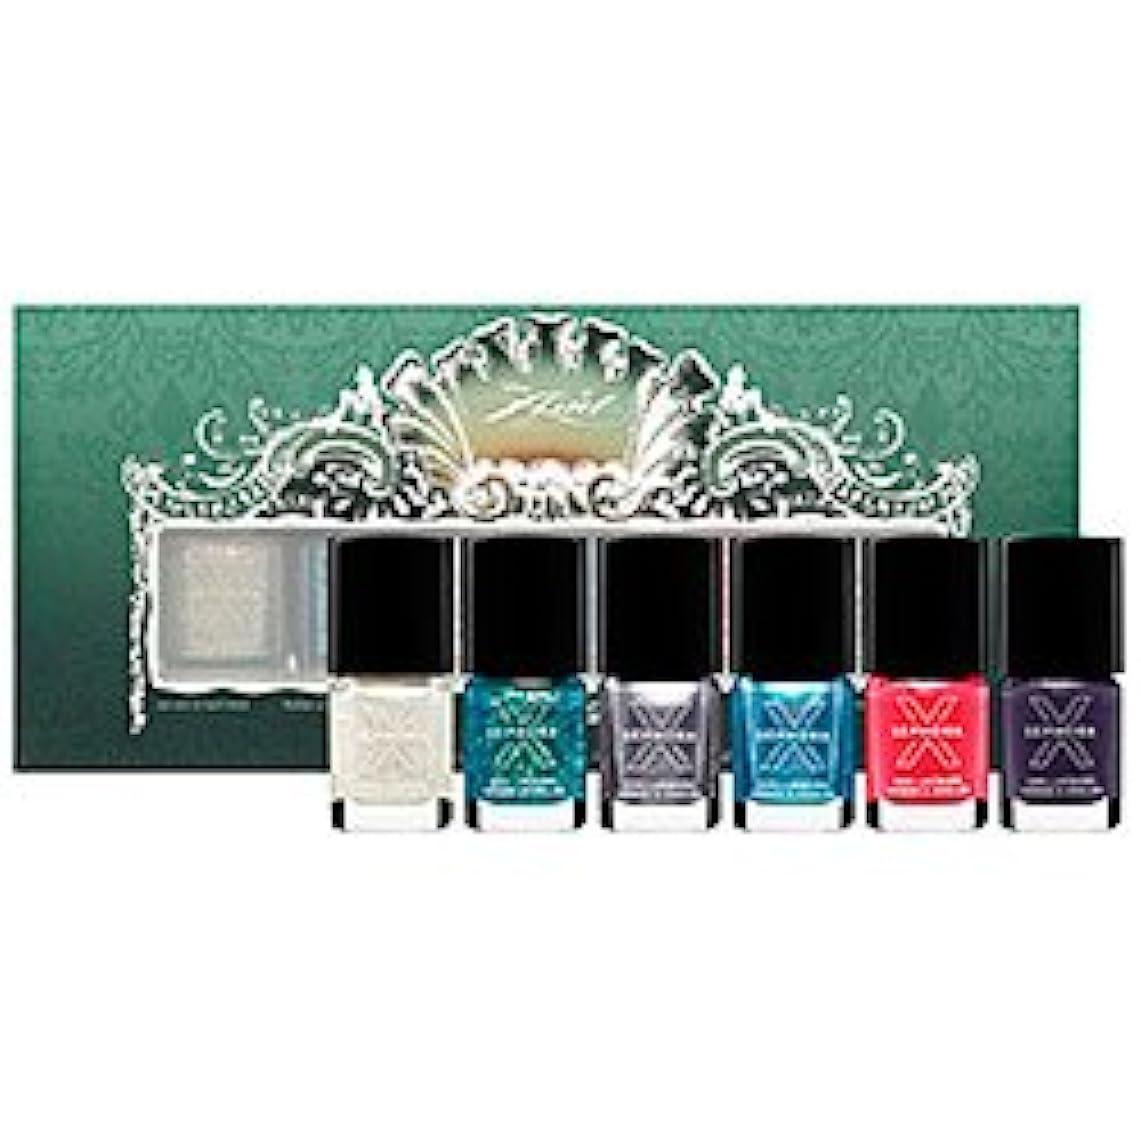 なだめるひばりピンクDisney Sephora Ariel Whatcha-Nail-Callit 6 Piece Nail Set (ディズニー セフォラ アリエル ネイル カラー 6点セット)